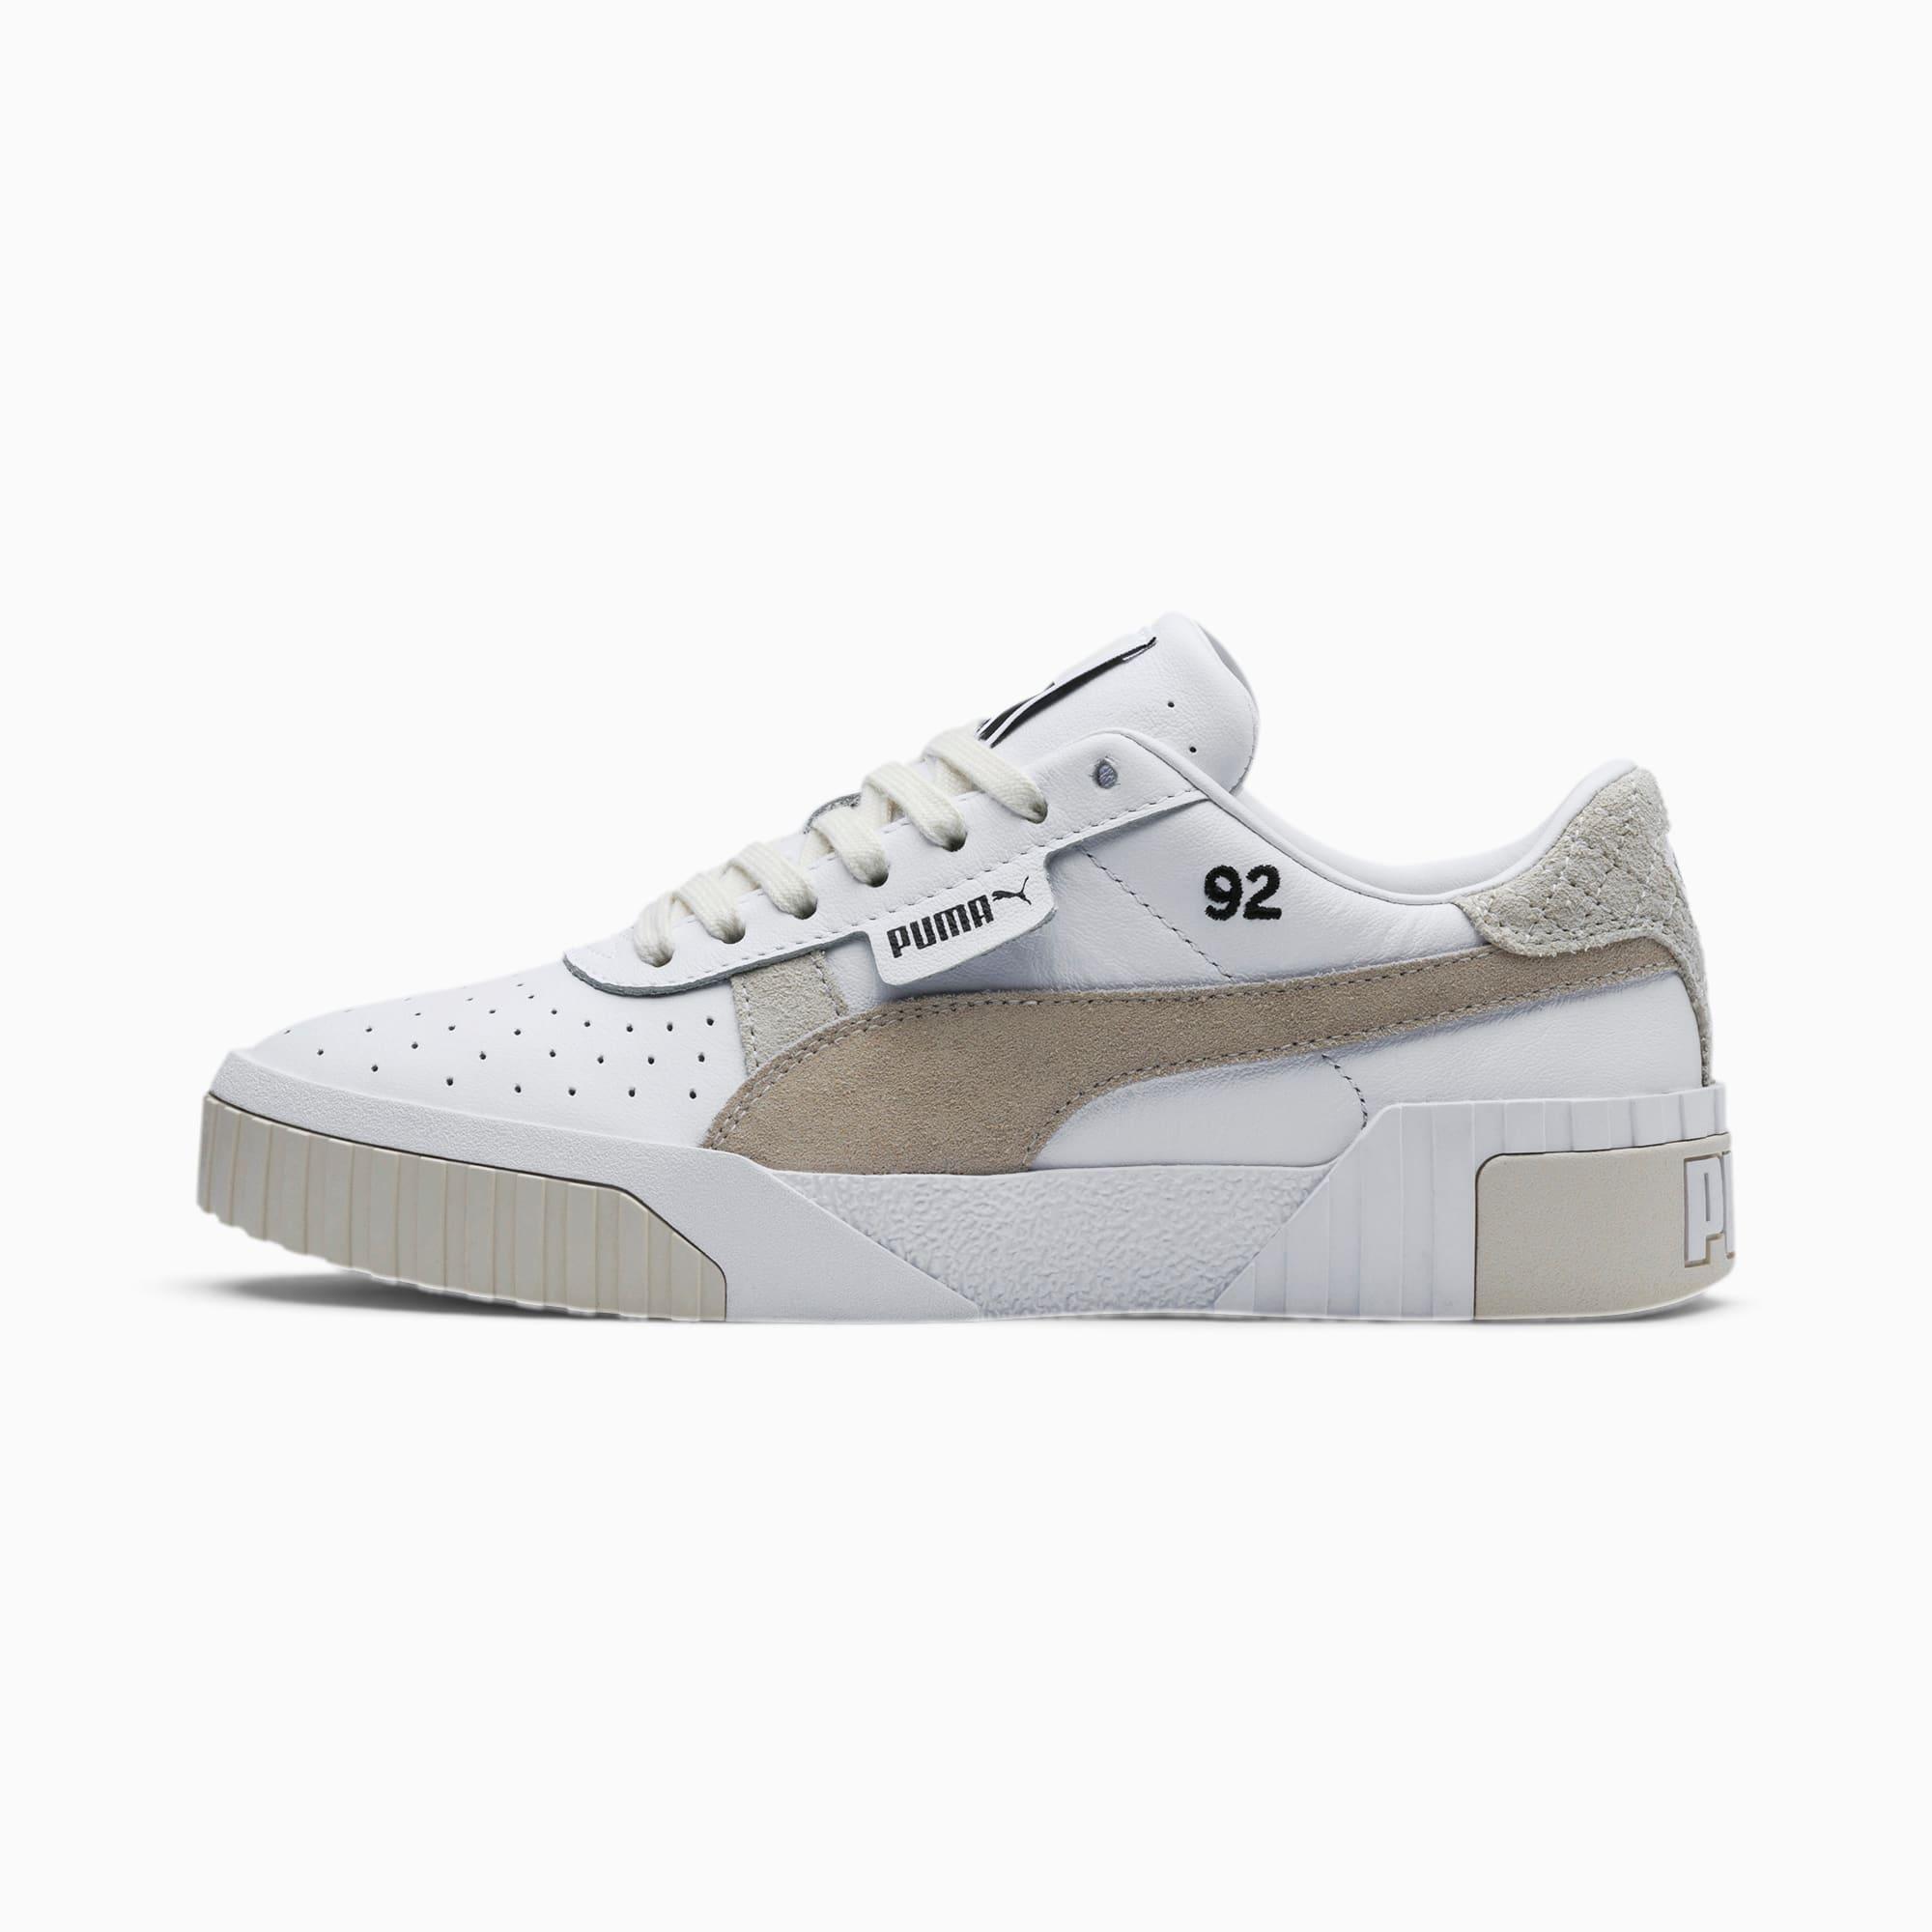 PUMA Chaussure Basket PUMA x SELENA GOMEZ Cali Lthr Suede pour Femme, Argent/Gris/Blanc, Taille 39, Chaussures